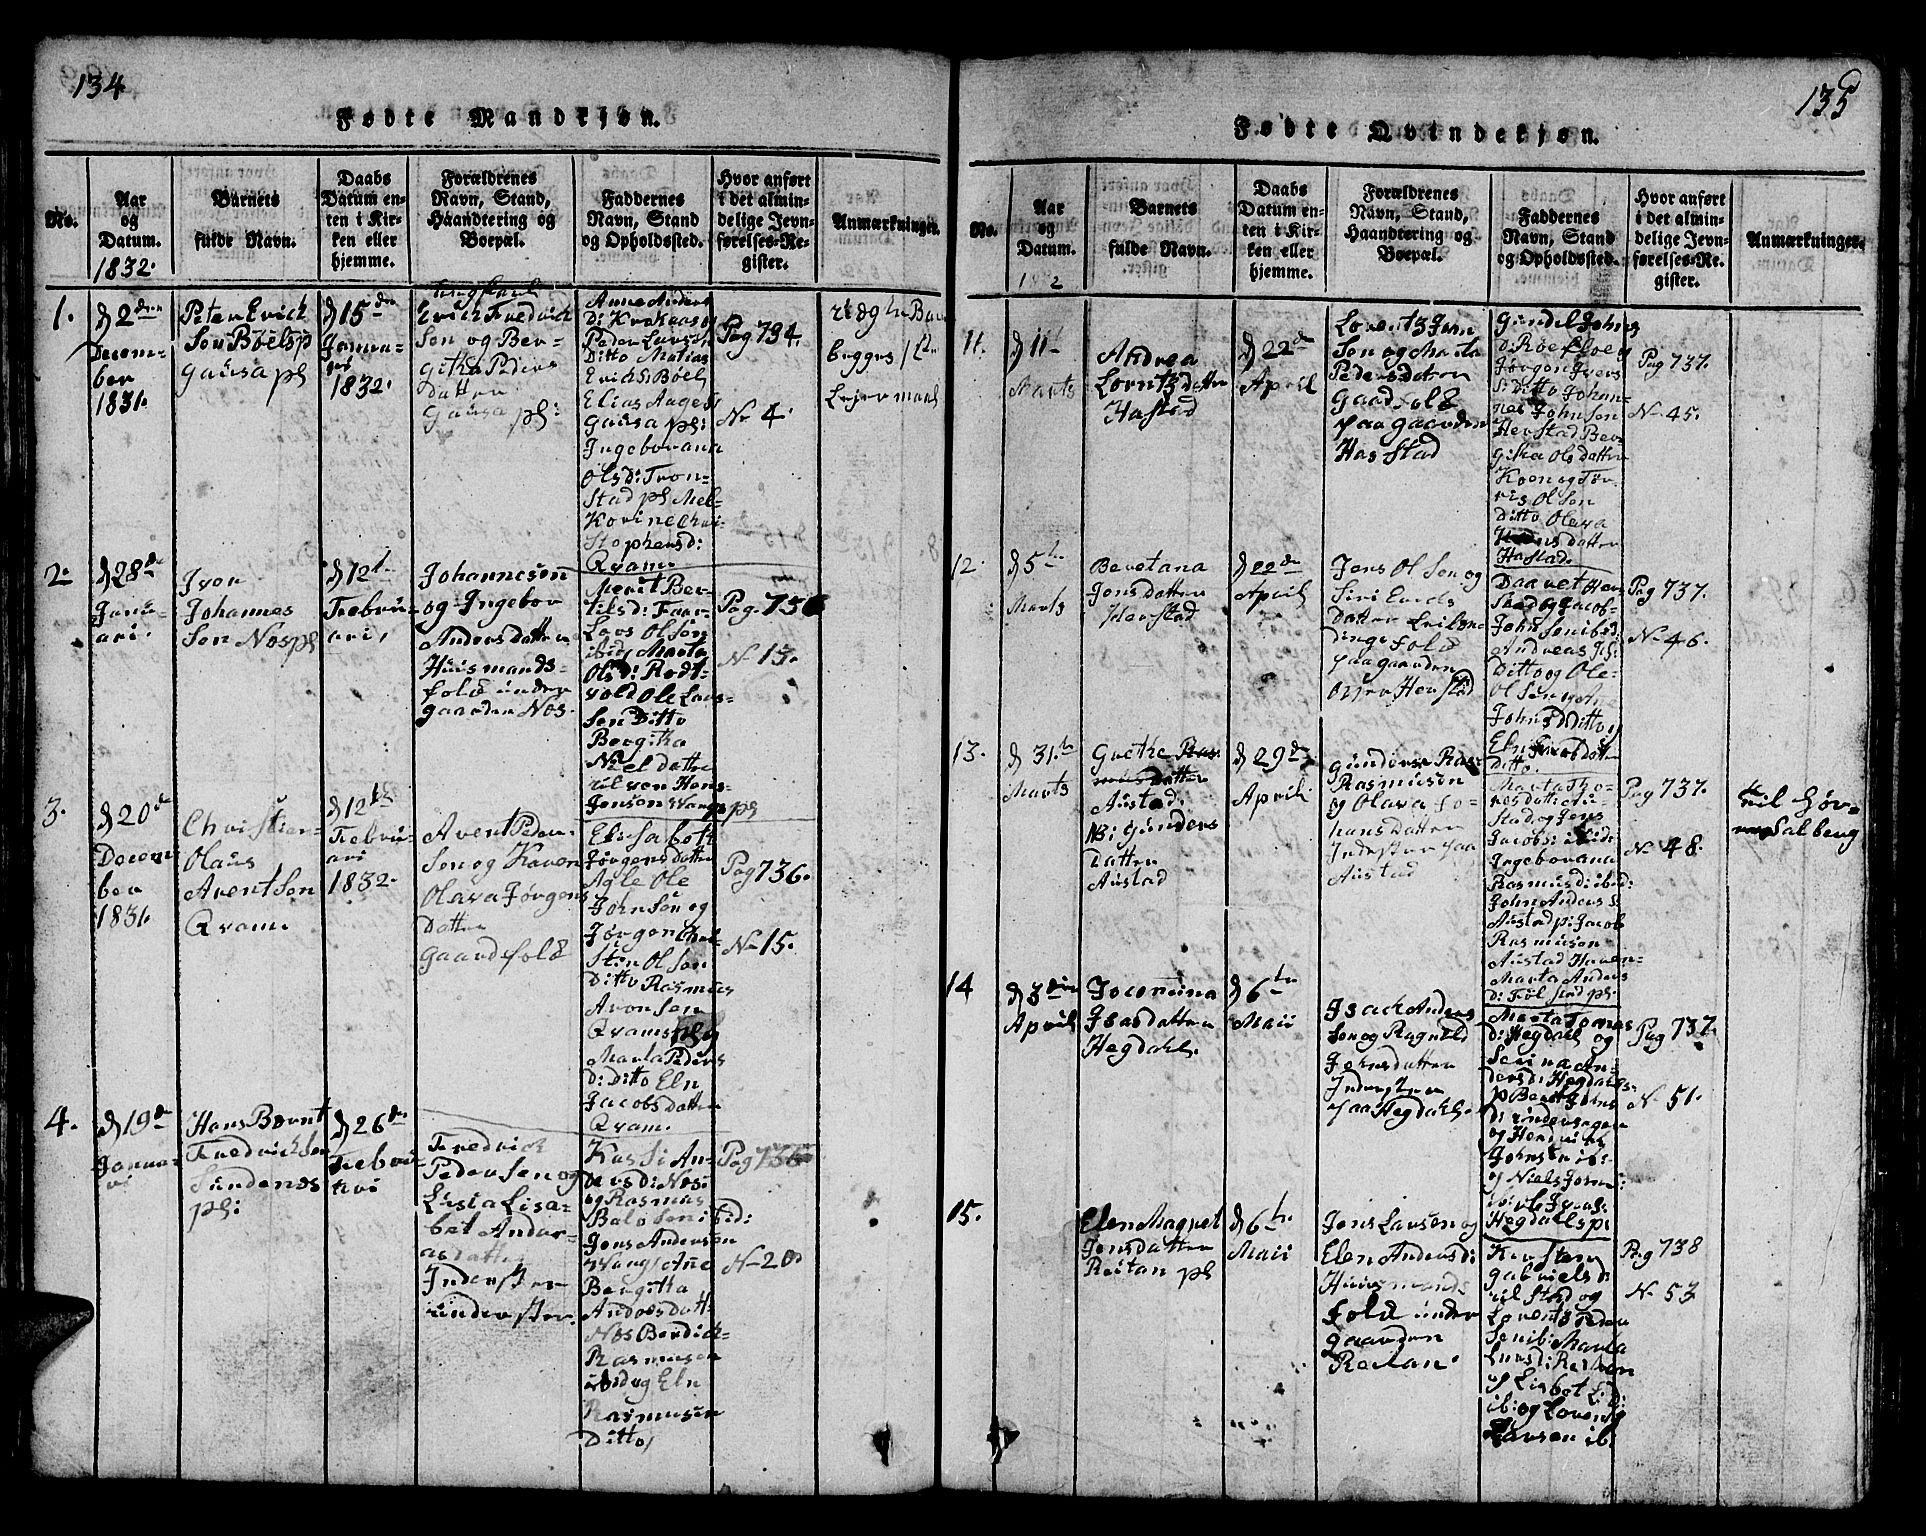 SAT, Ministerialprotokoller, klokkerbøker og fødselsregistre - Nord-Trøndelag, 730/L0298: Klokkerbok nr. 730C01, 1816-1849, s. 134-135